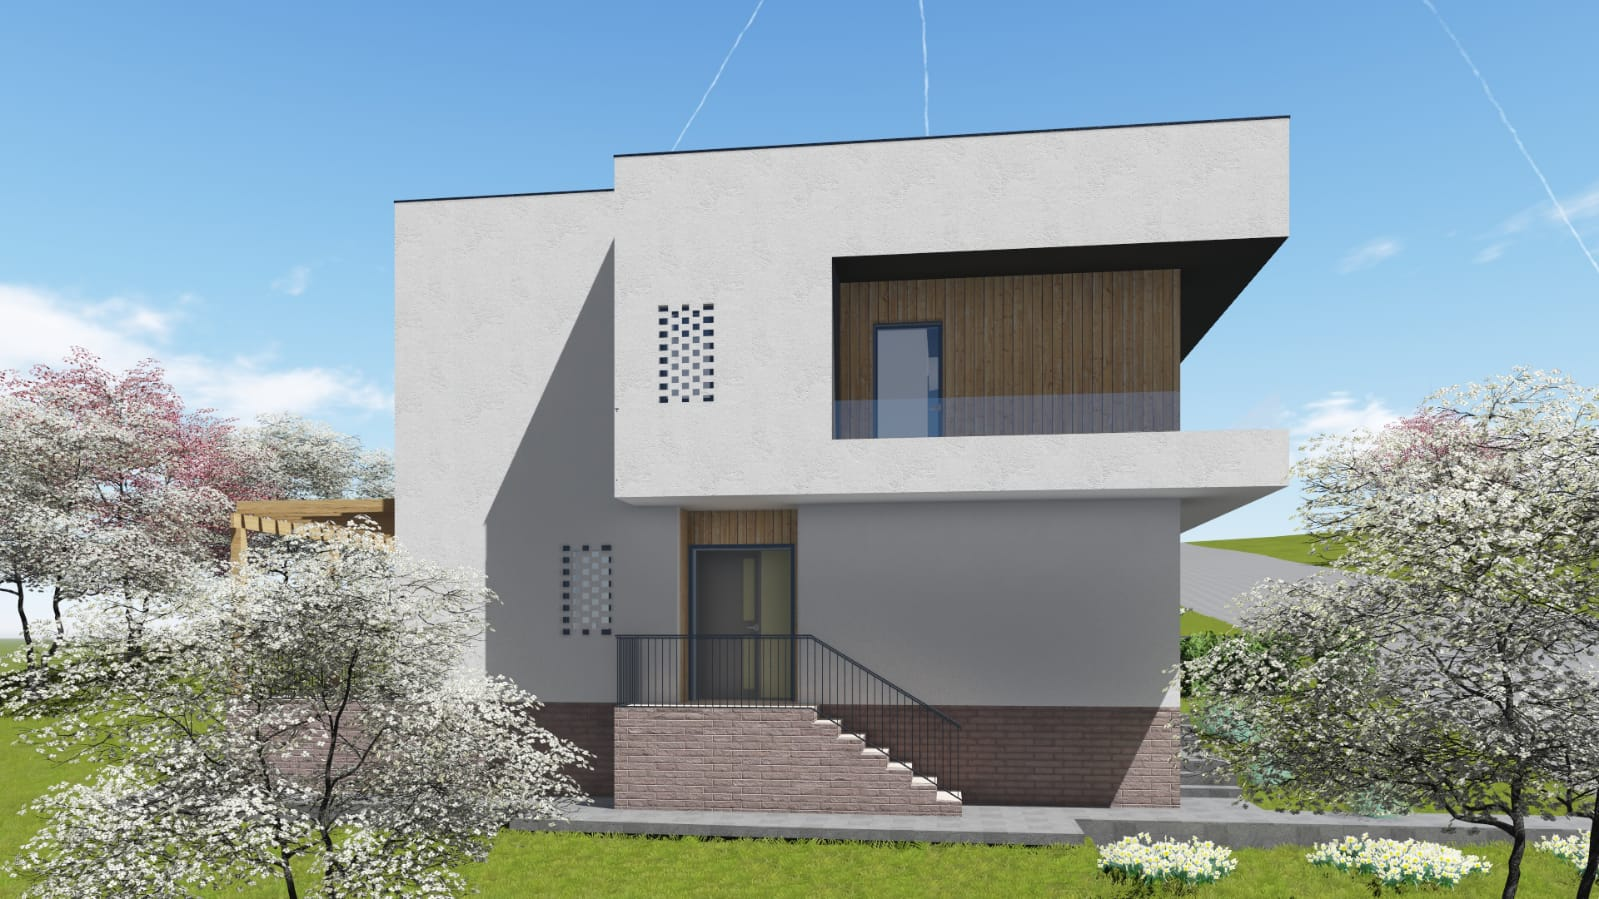 185124-Vanzare casa tip duplex, Iris, Cluj-Napoca